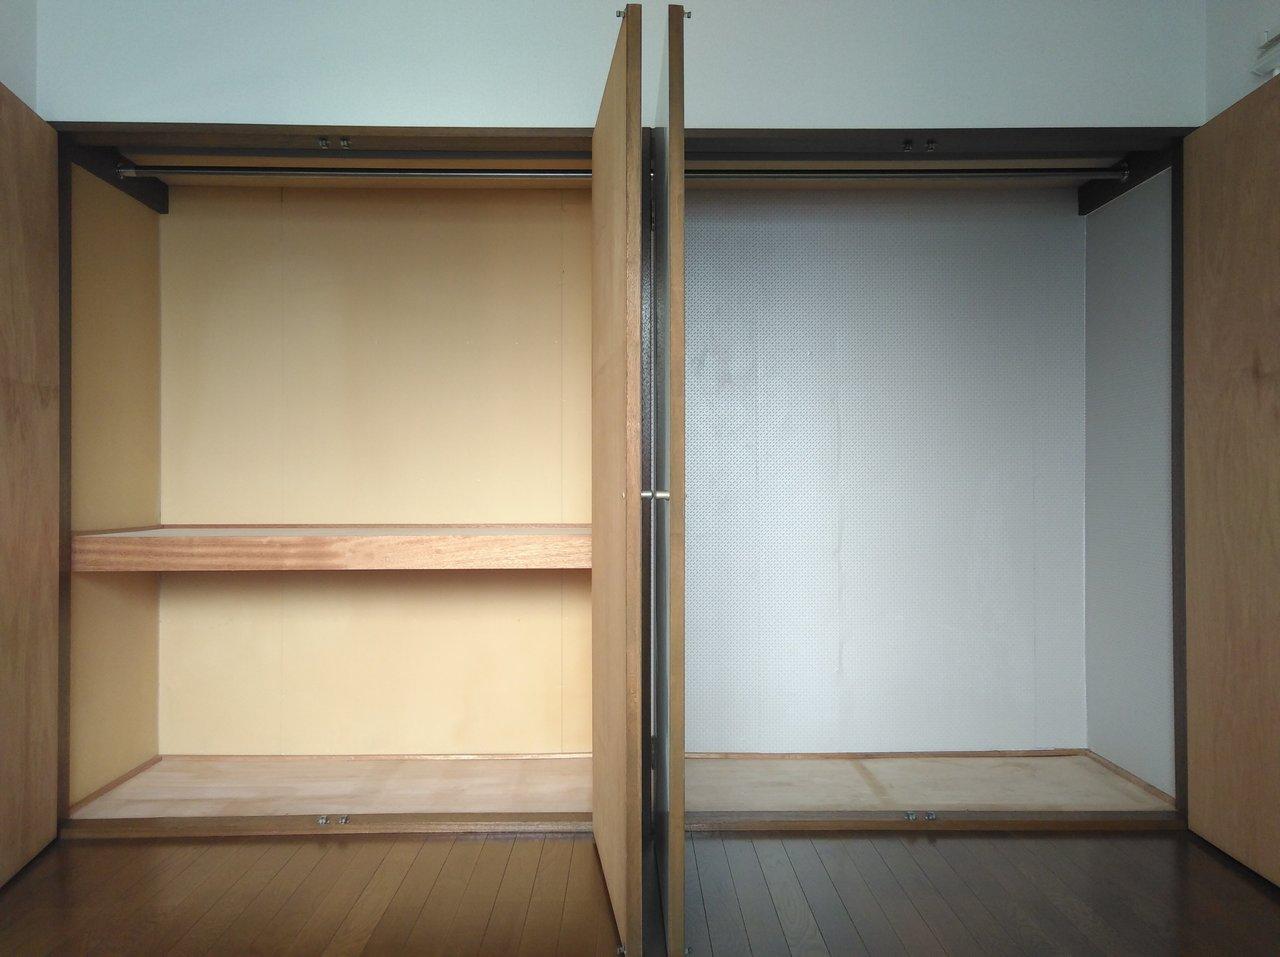 こちらのお部屋には大容量×2つ分の収納スペースが。部屋の広さに加えてこの容量。荷物を少なく見せて生活ができそうです。